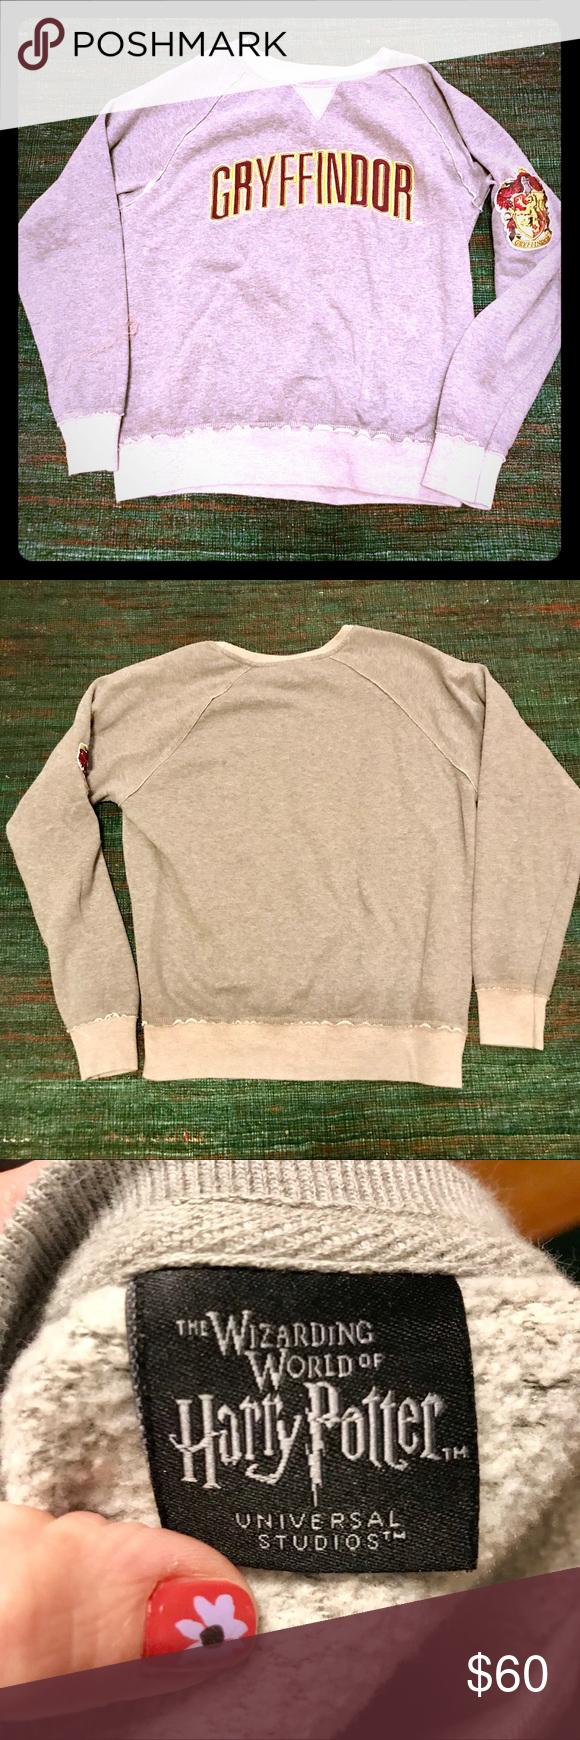 Gryffindor Sweatshirt Like New Sweatshirts Sweatshirts Hoodie Harry Potter Tops [ 1740 x 580 Pixel ]